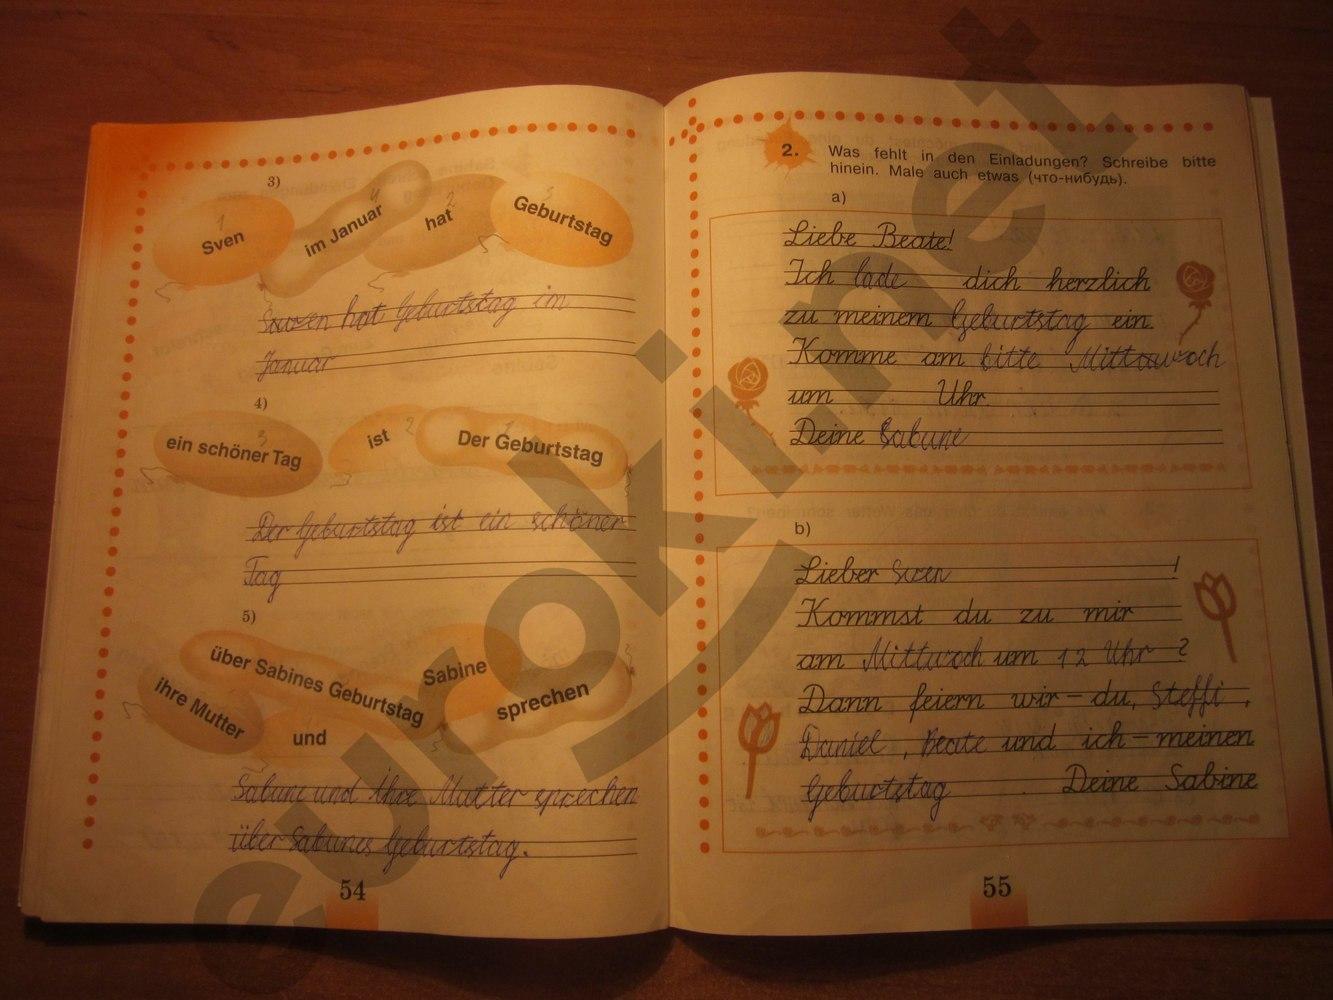 ГДЗ по немецкому языку 3 класс рабочая тетрадь Бим И.Л. Рыжова Л.И. Часть 2. Задание: стр. 54-55